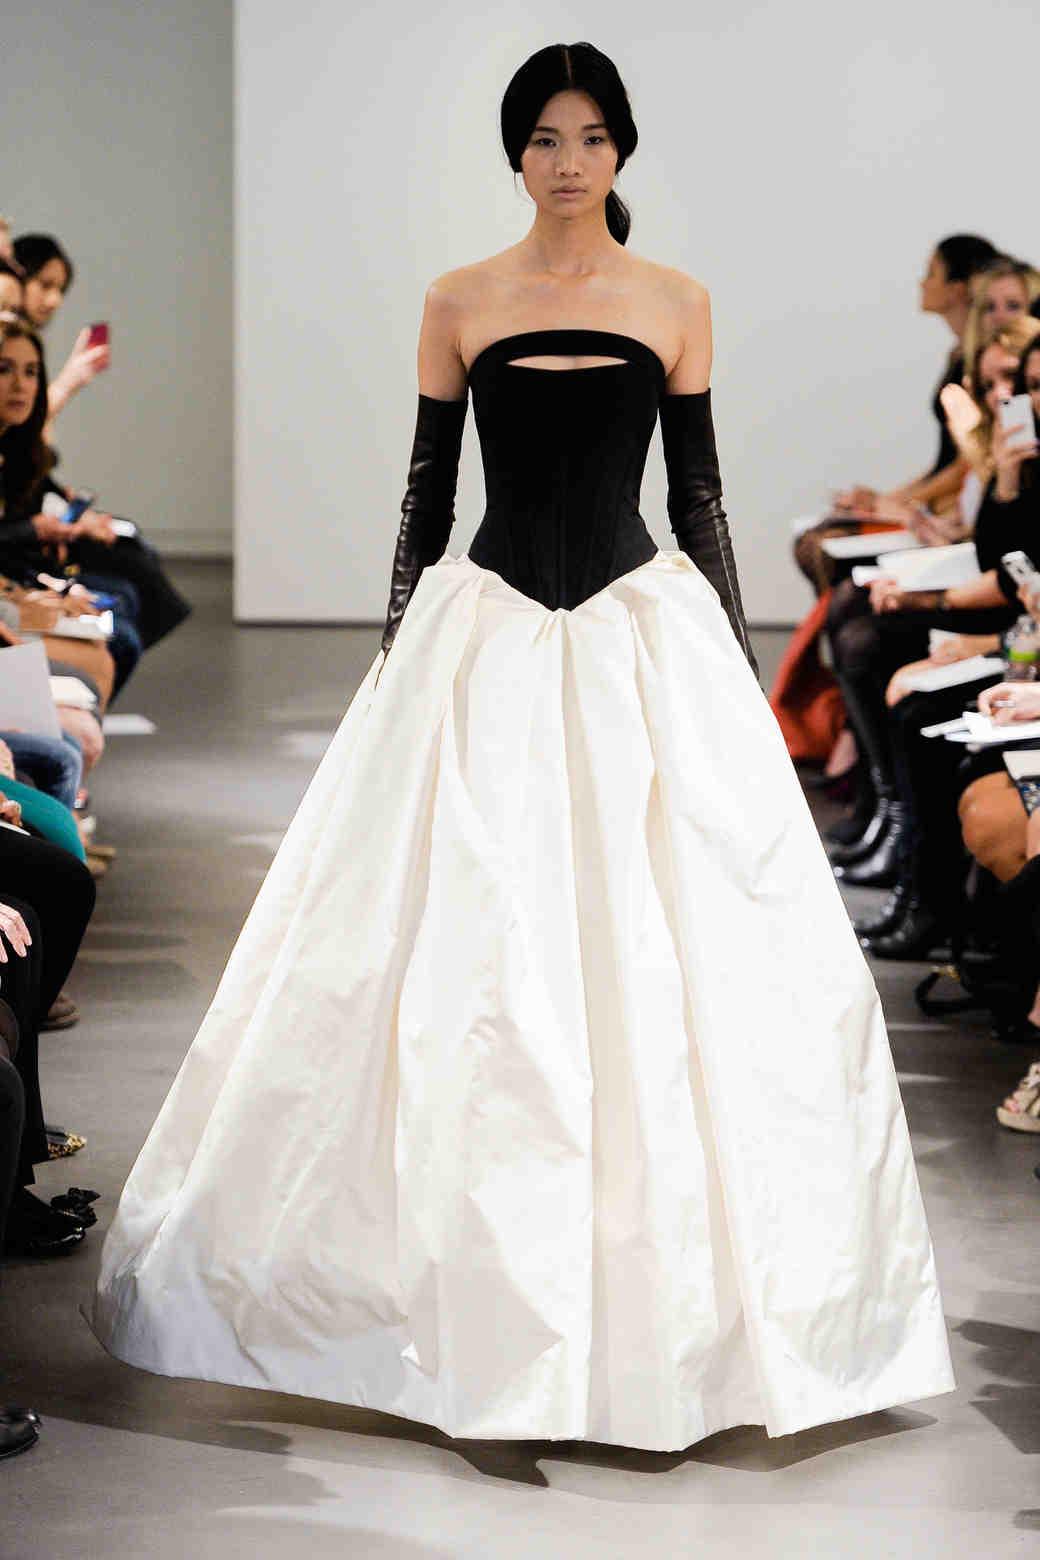 Chic Black Wedding Dress for the Edgy Bride | Martha Stewart Weddings